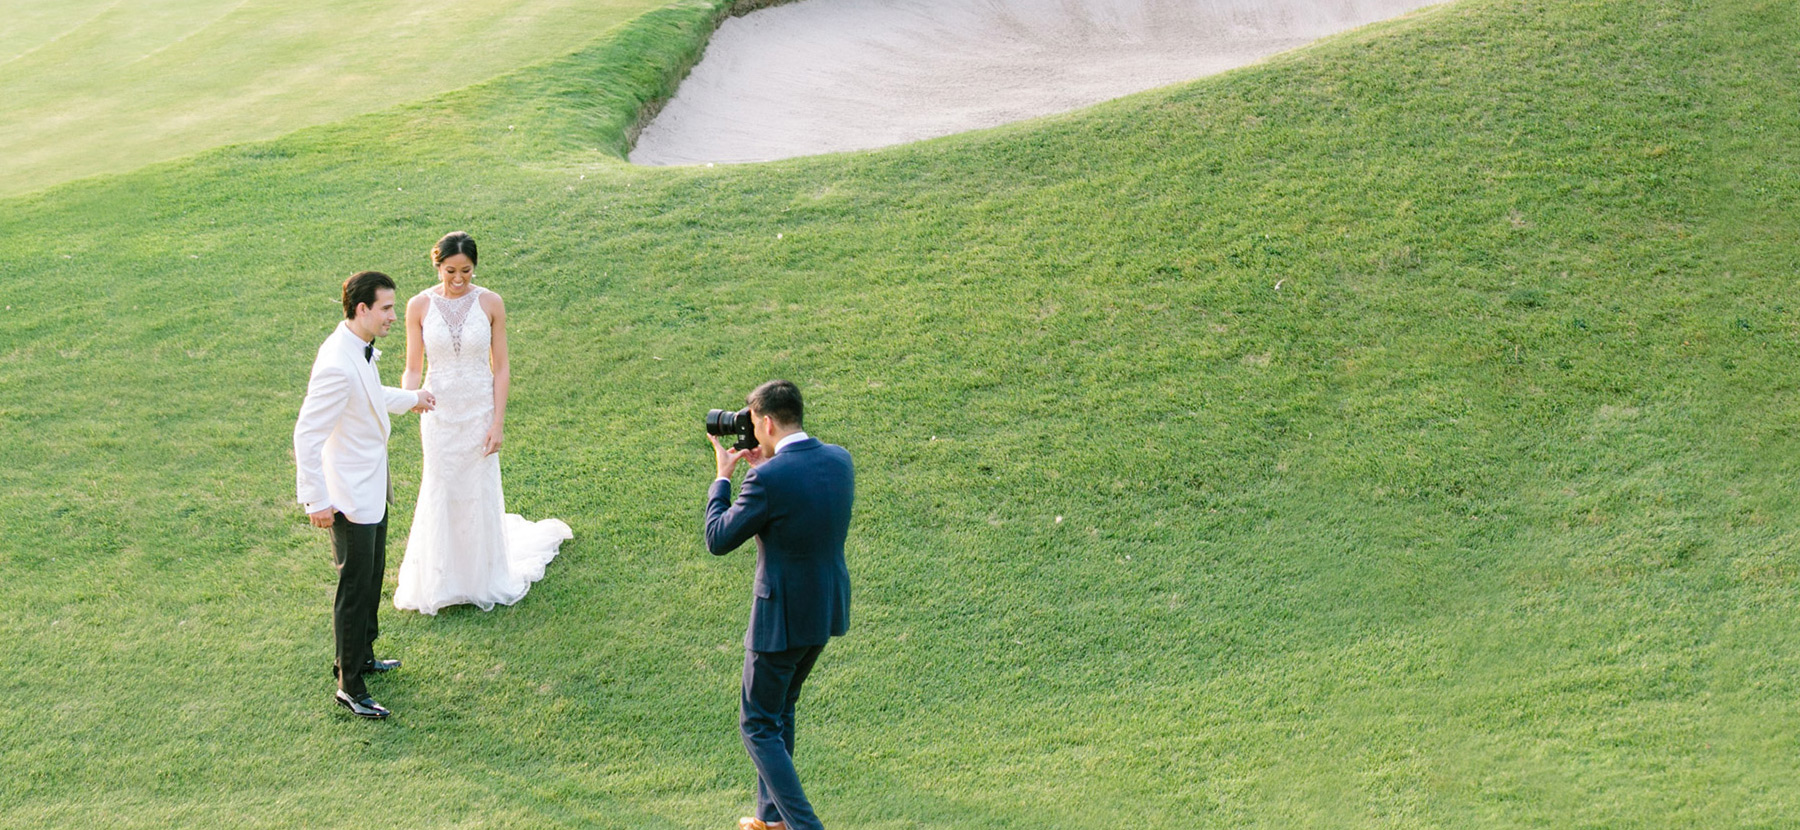 joeewong-destination-wedding-photographer-1